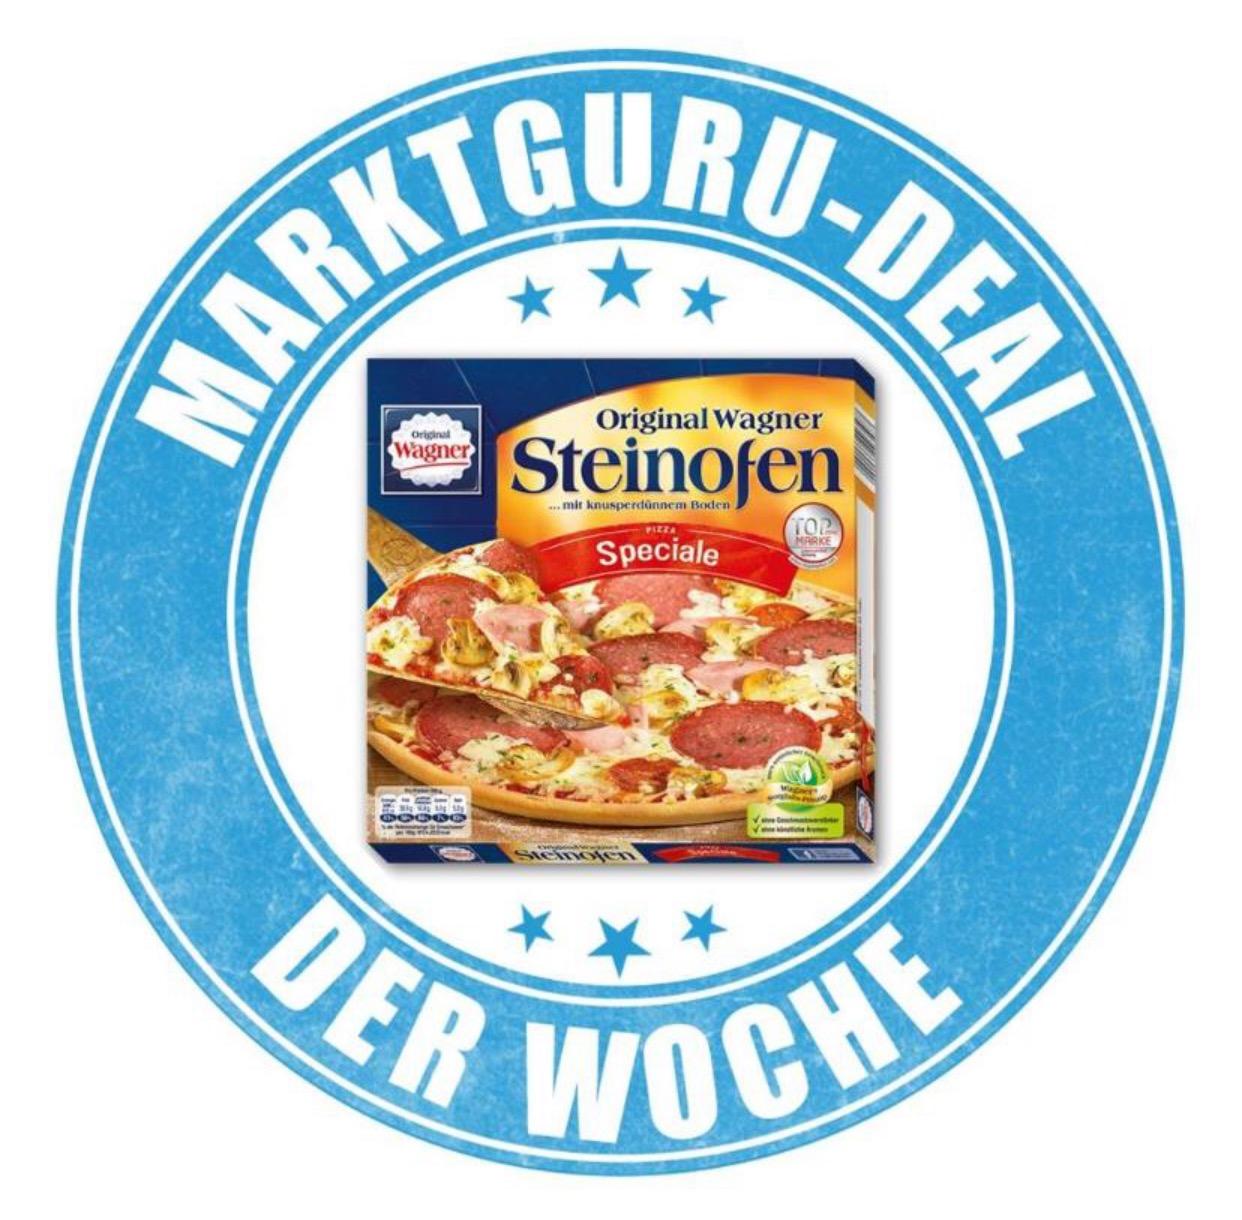 MarktGuru App: Wagner Tiefkühl-Pizza um 1,89 € oder billiger!